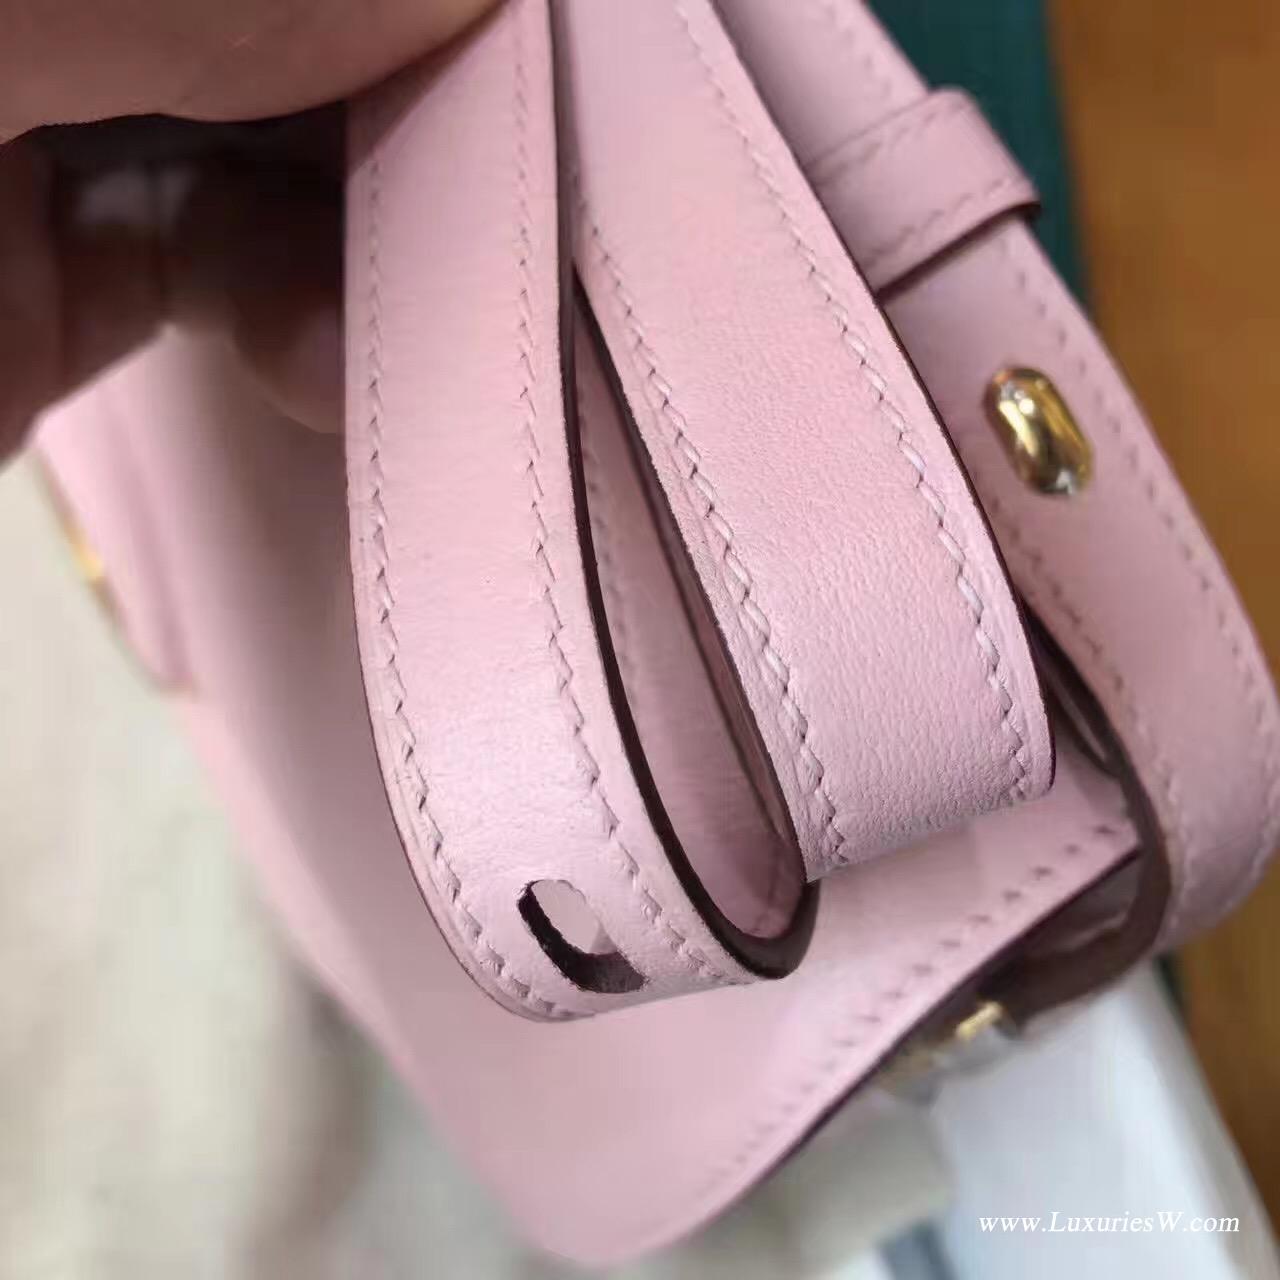 愛馬仕Cherche Epsom 3Q Rose Sakura Swift 新櫻花粉色银扣